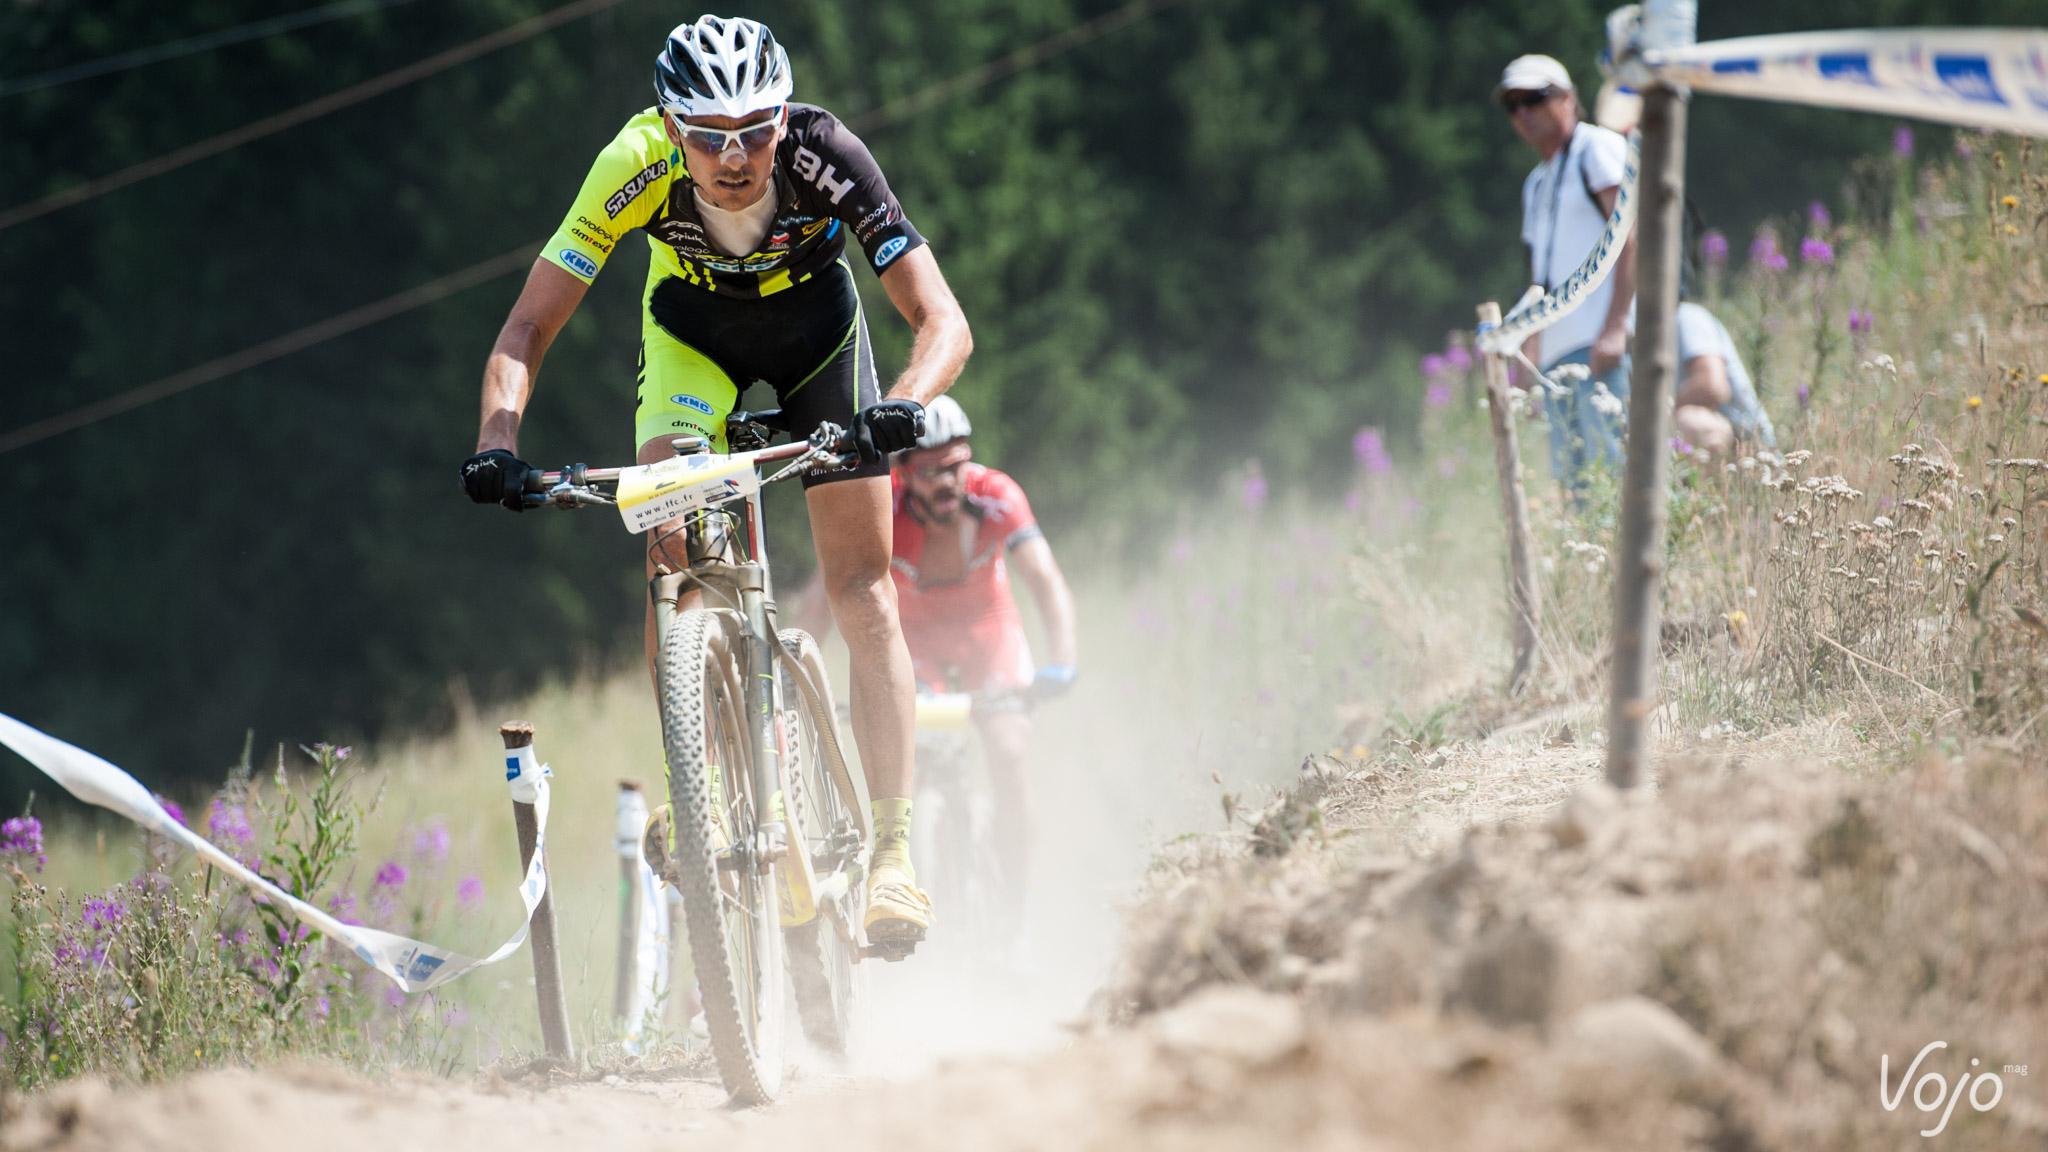 Championnats-de-france-2015-Oz-XC-Espoirs-finale-12